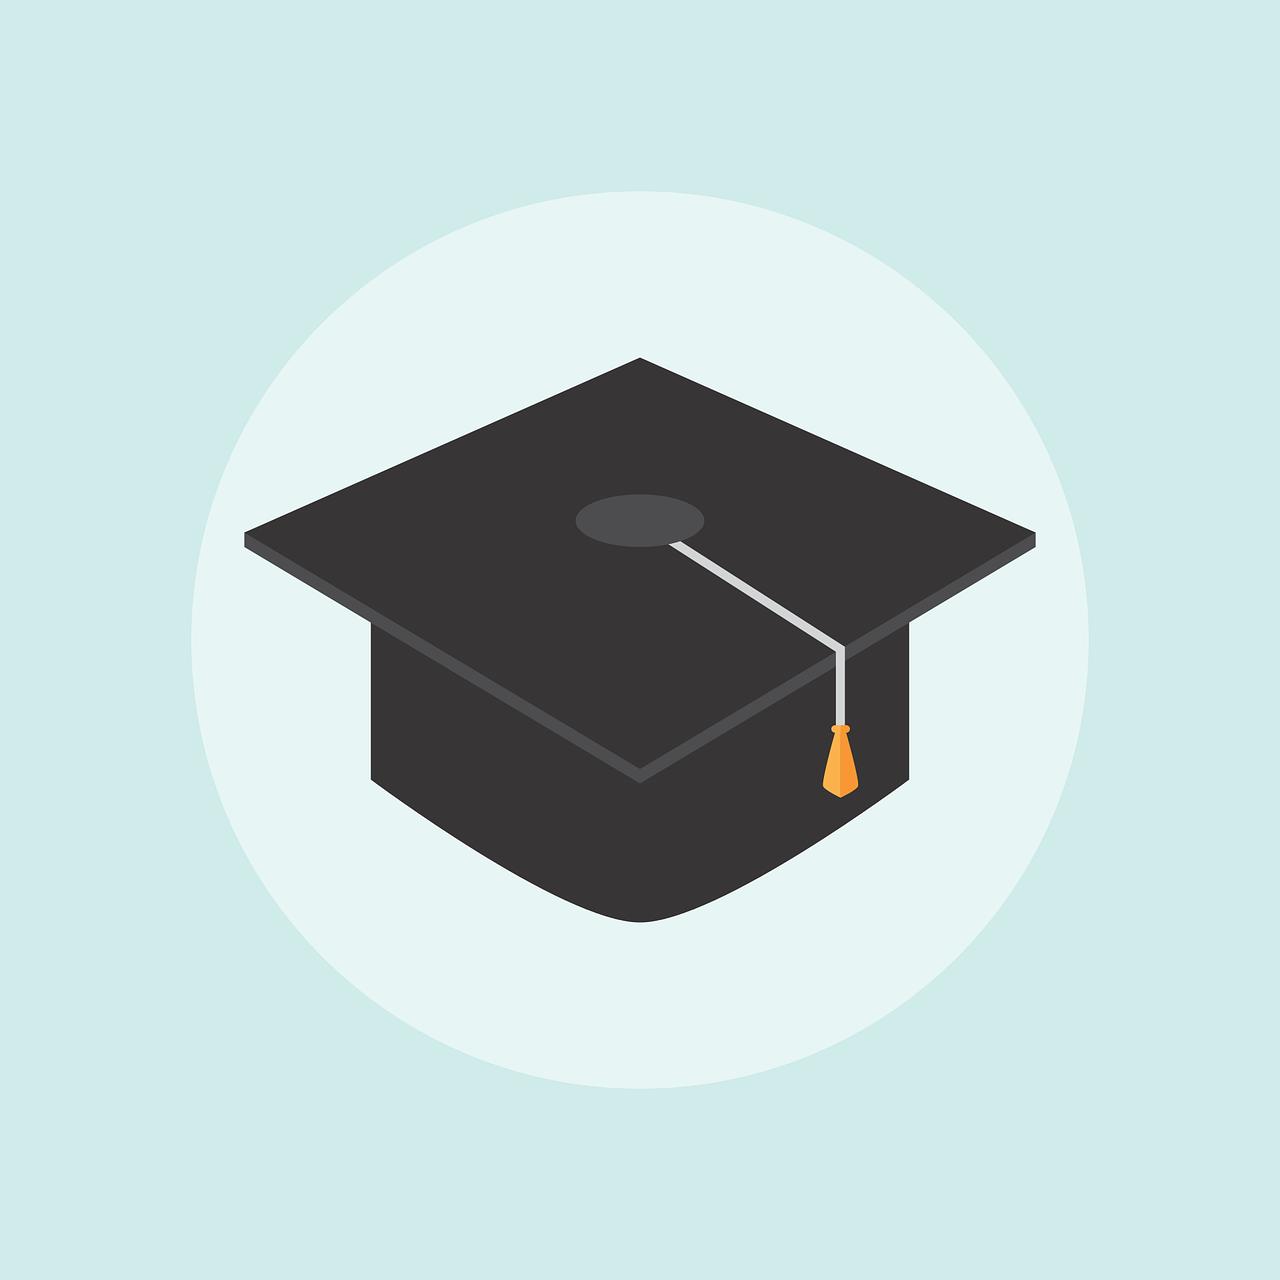 Hat illustration for total alumni statistic